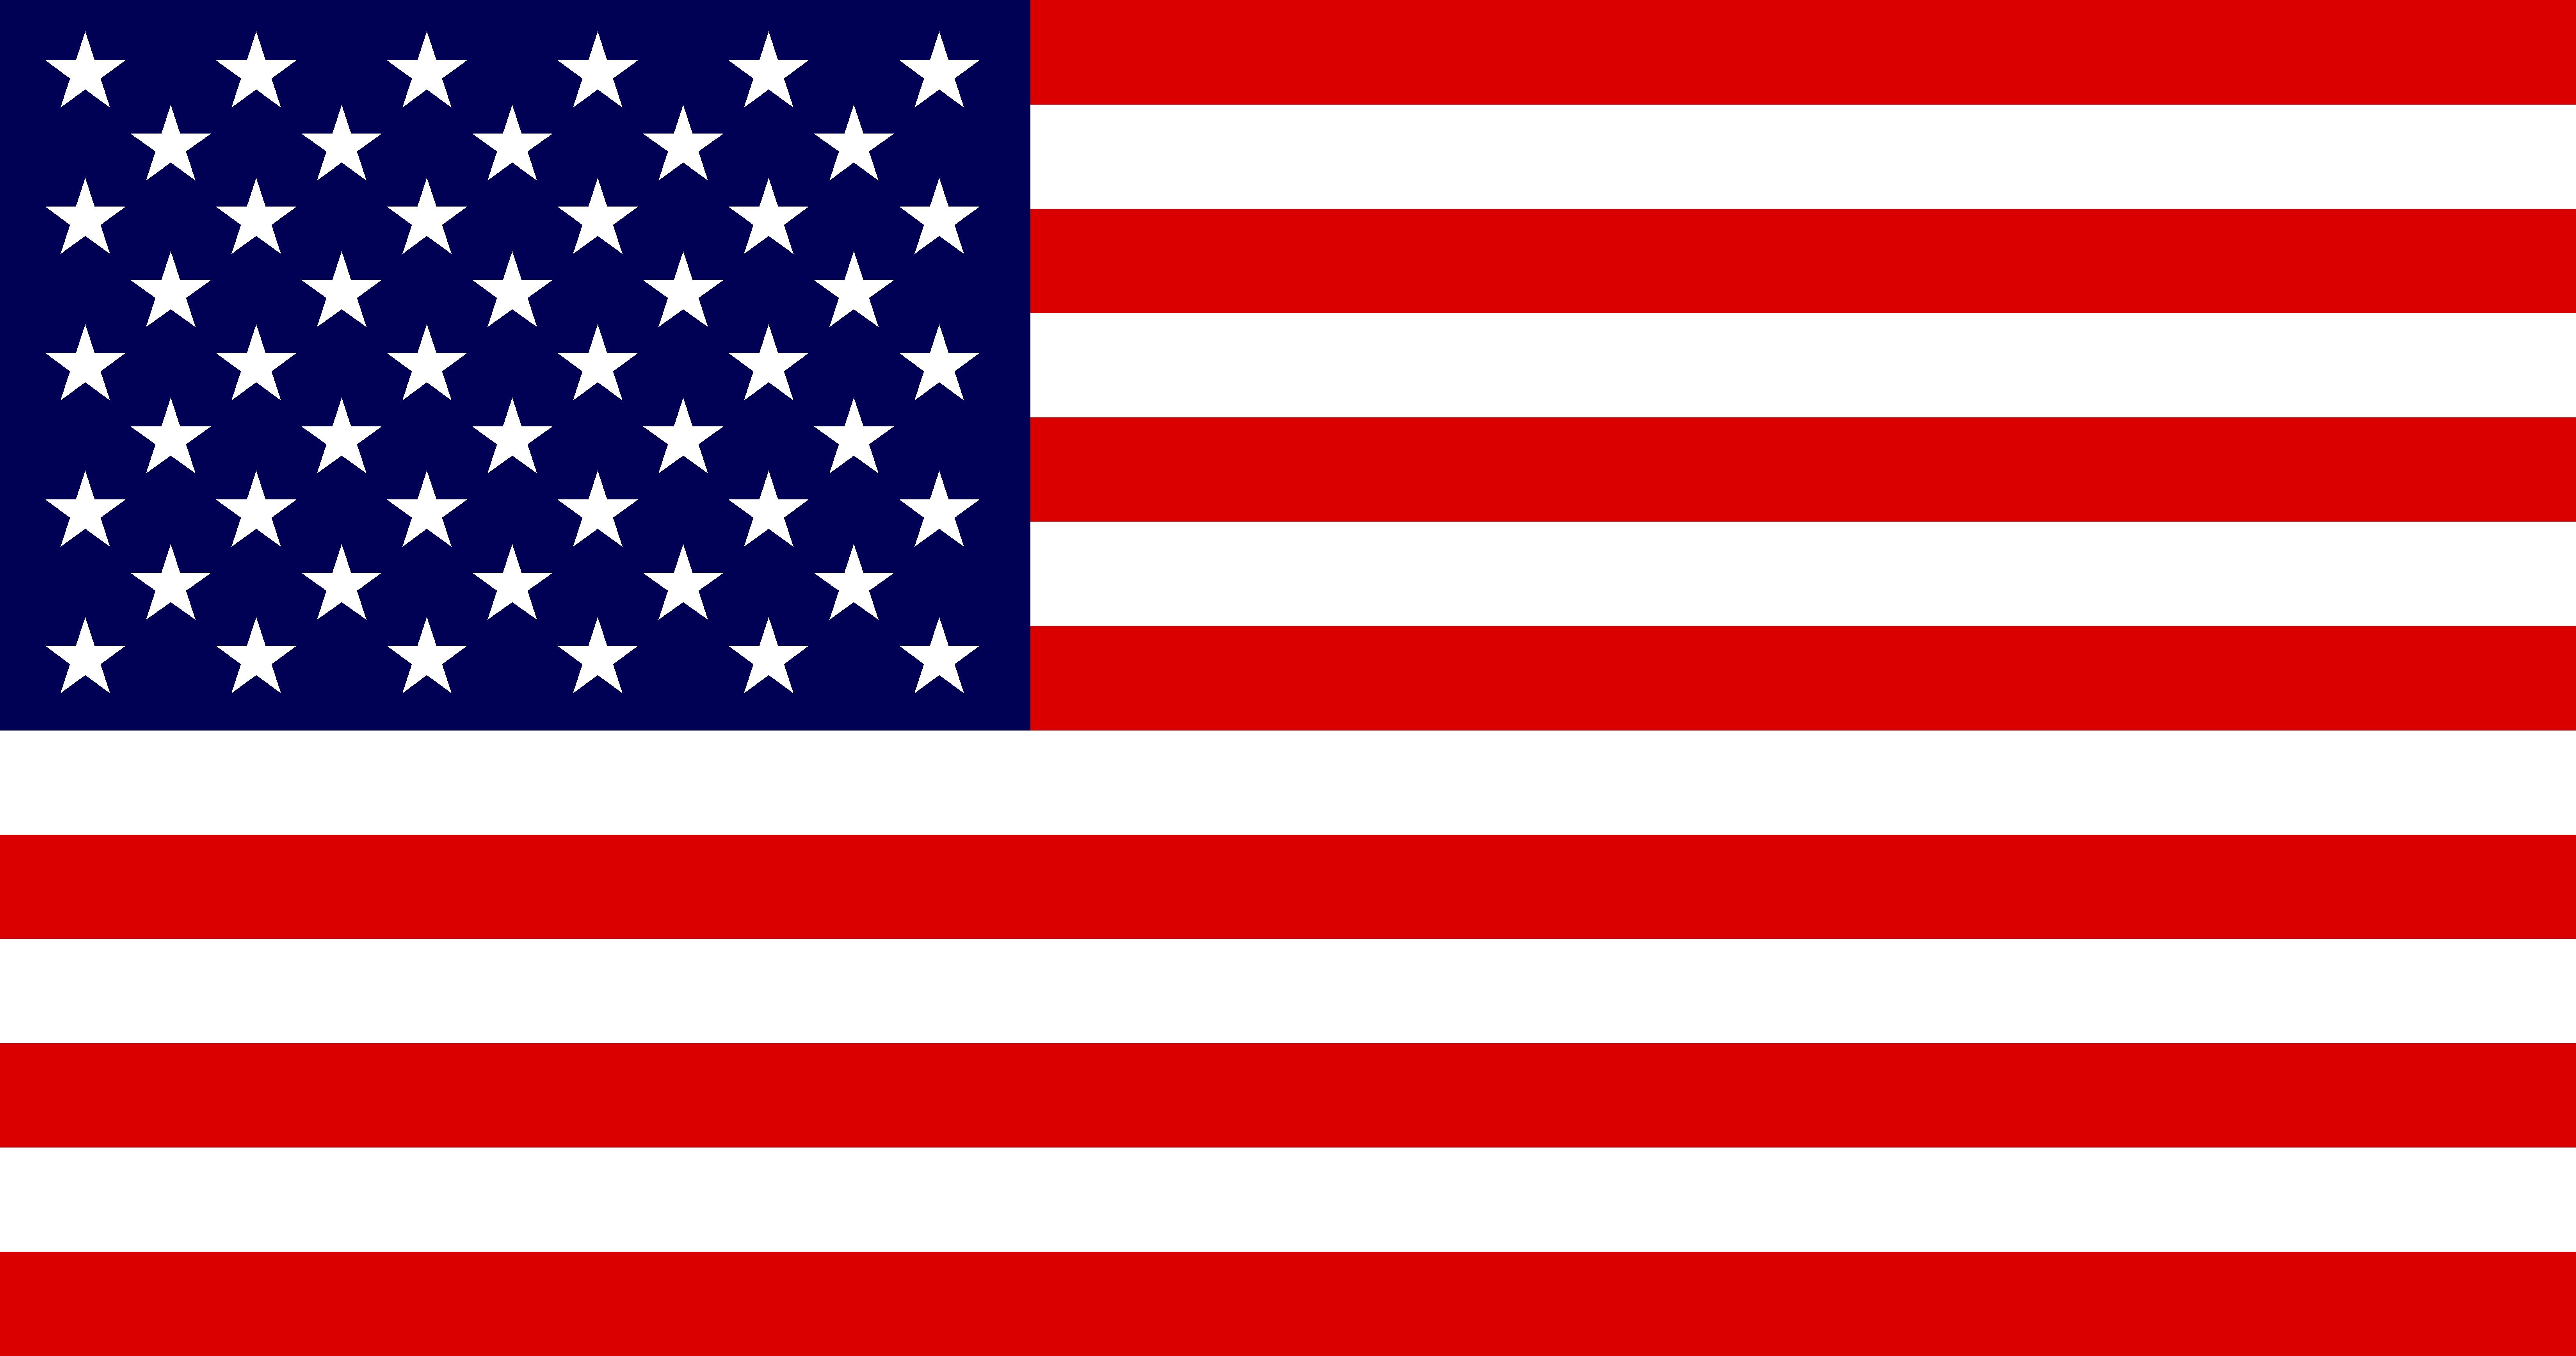 Флаг России Обои для Андроид бесплатно